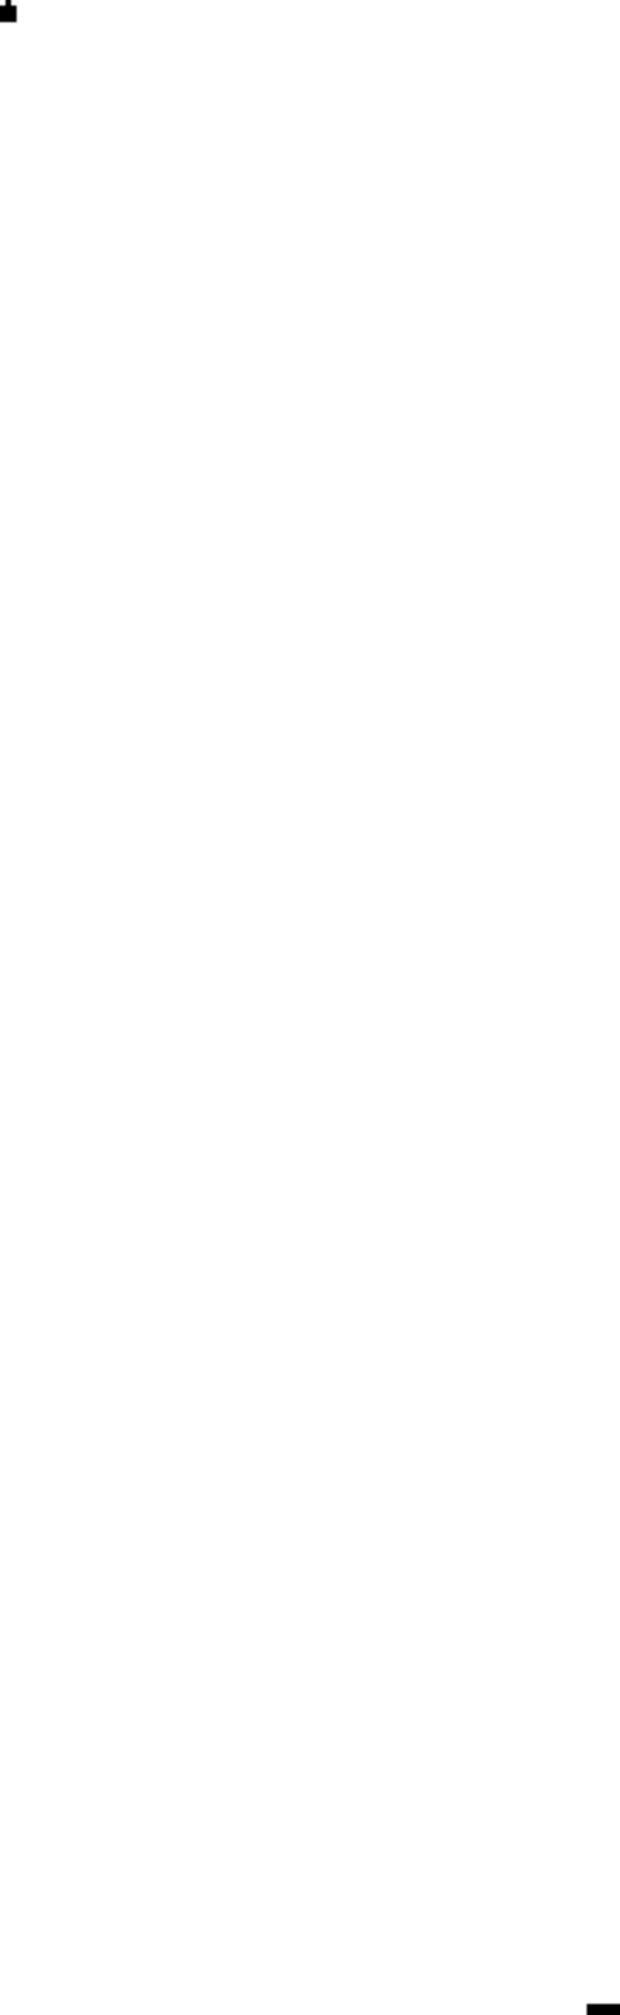 DJVU. Чёрная медицина: Тёмное искусство смерти, или как выжить в мире насилия. Маширо Н. Страница 5. Читать онлайн